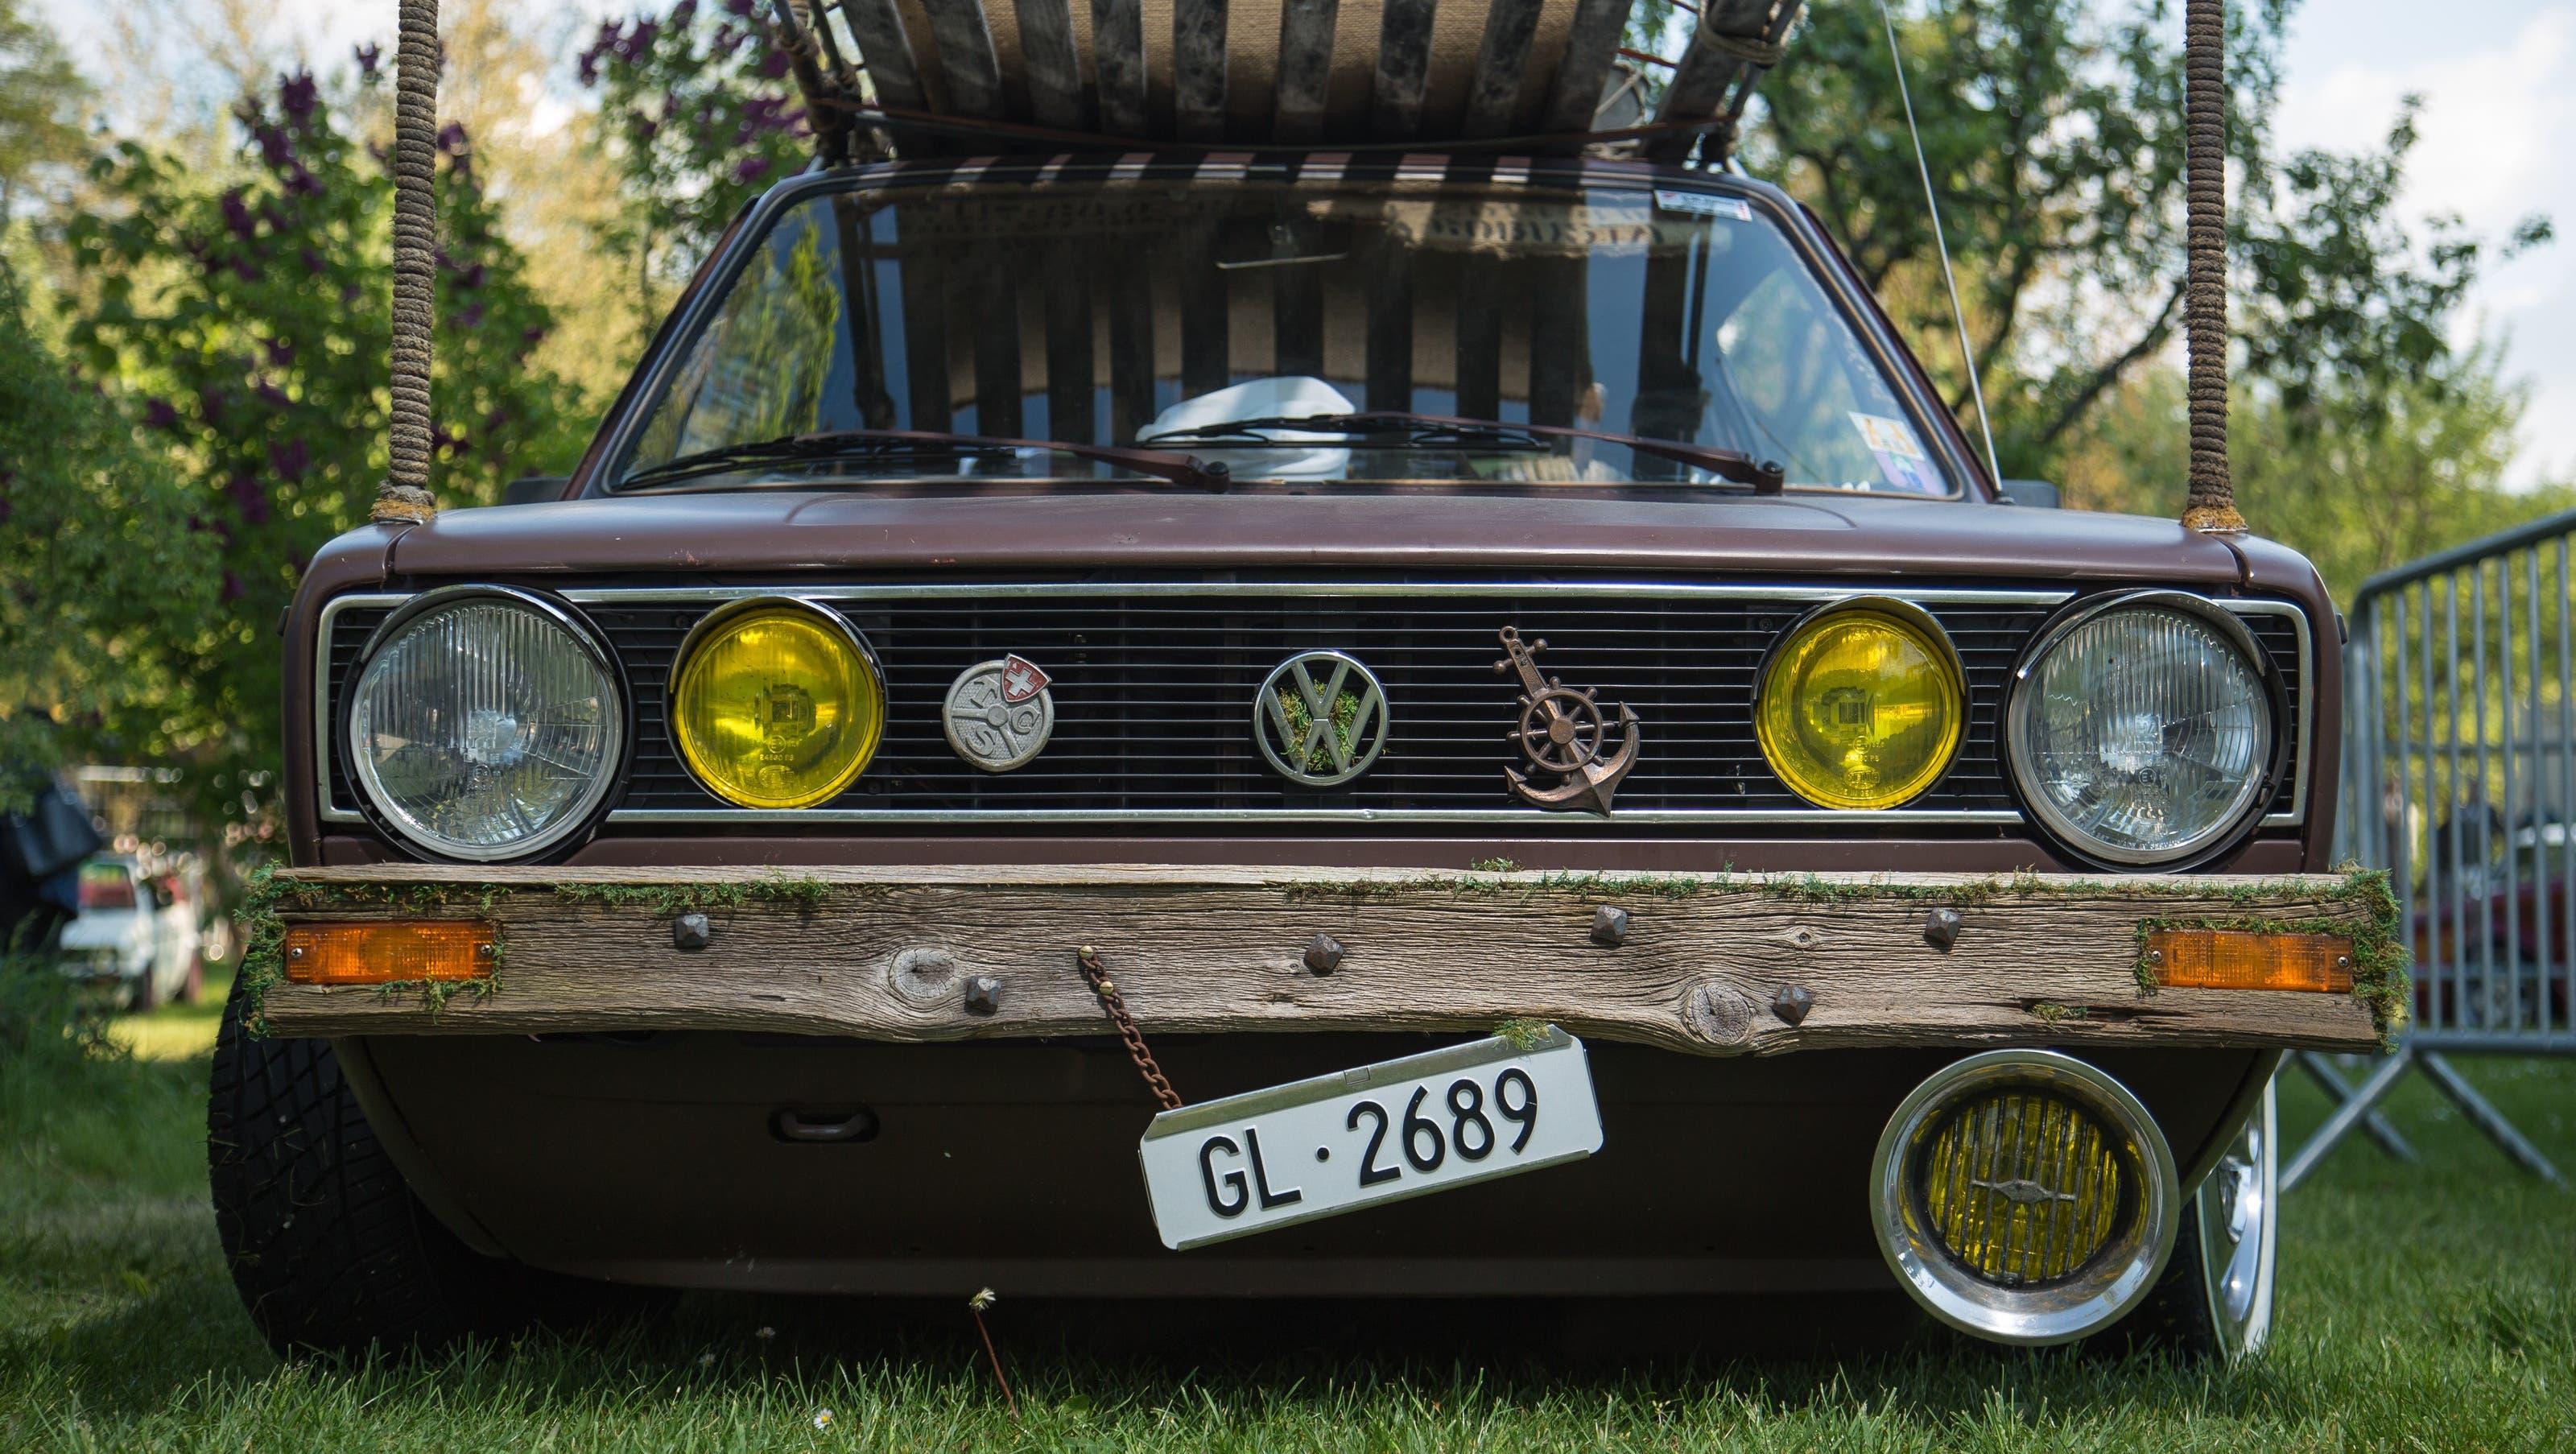 VW Seegolf